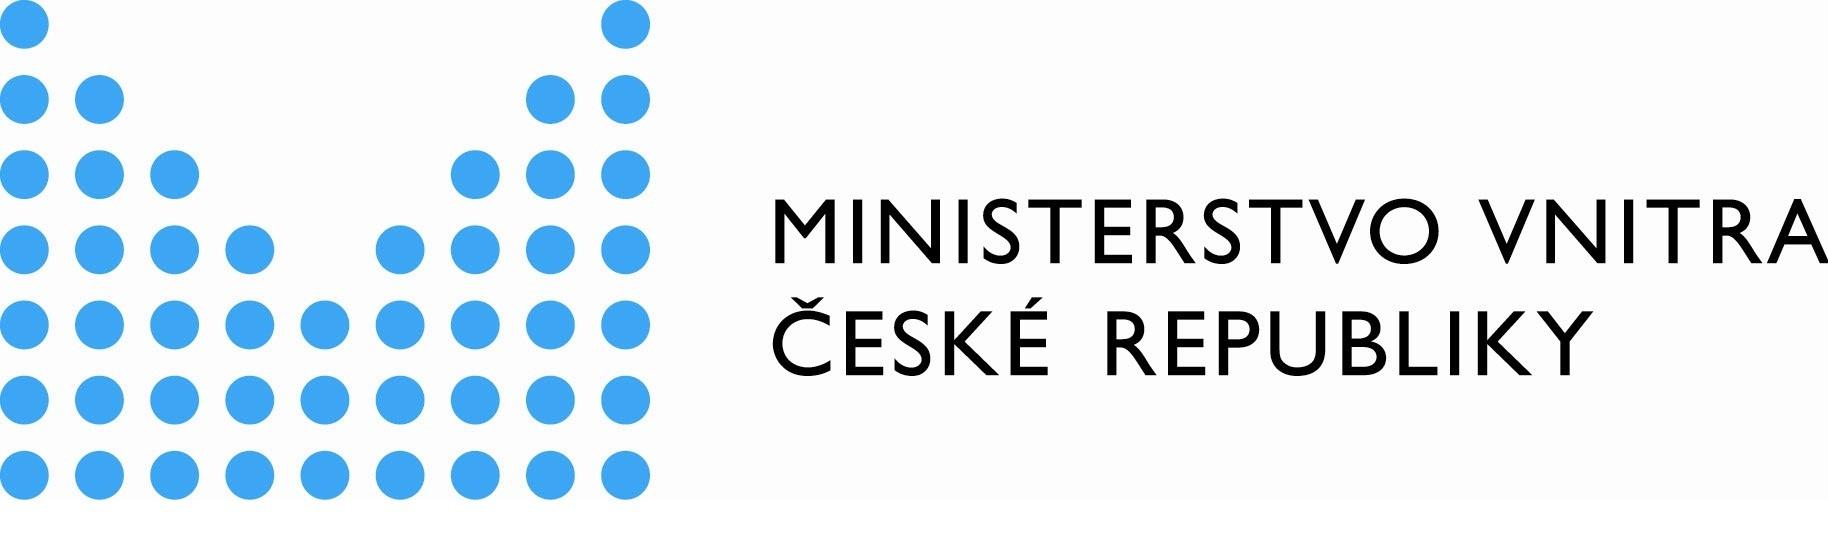 Ministersto vnitra České republiky Logo